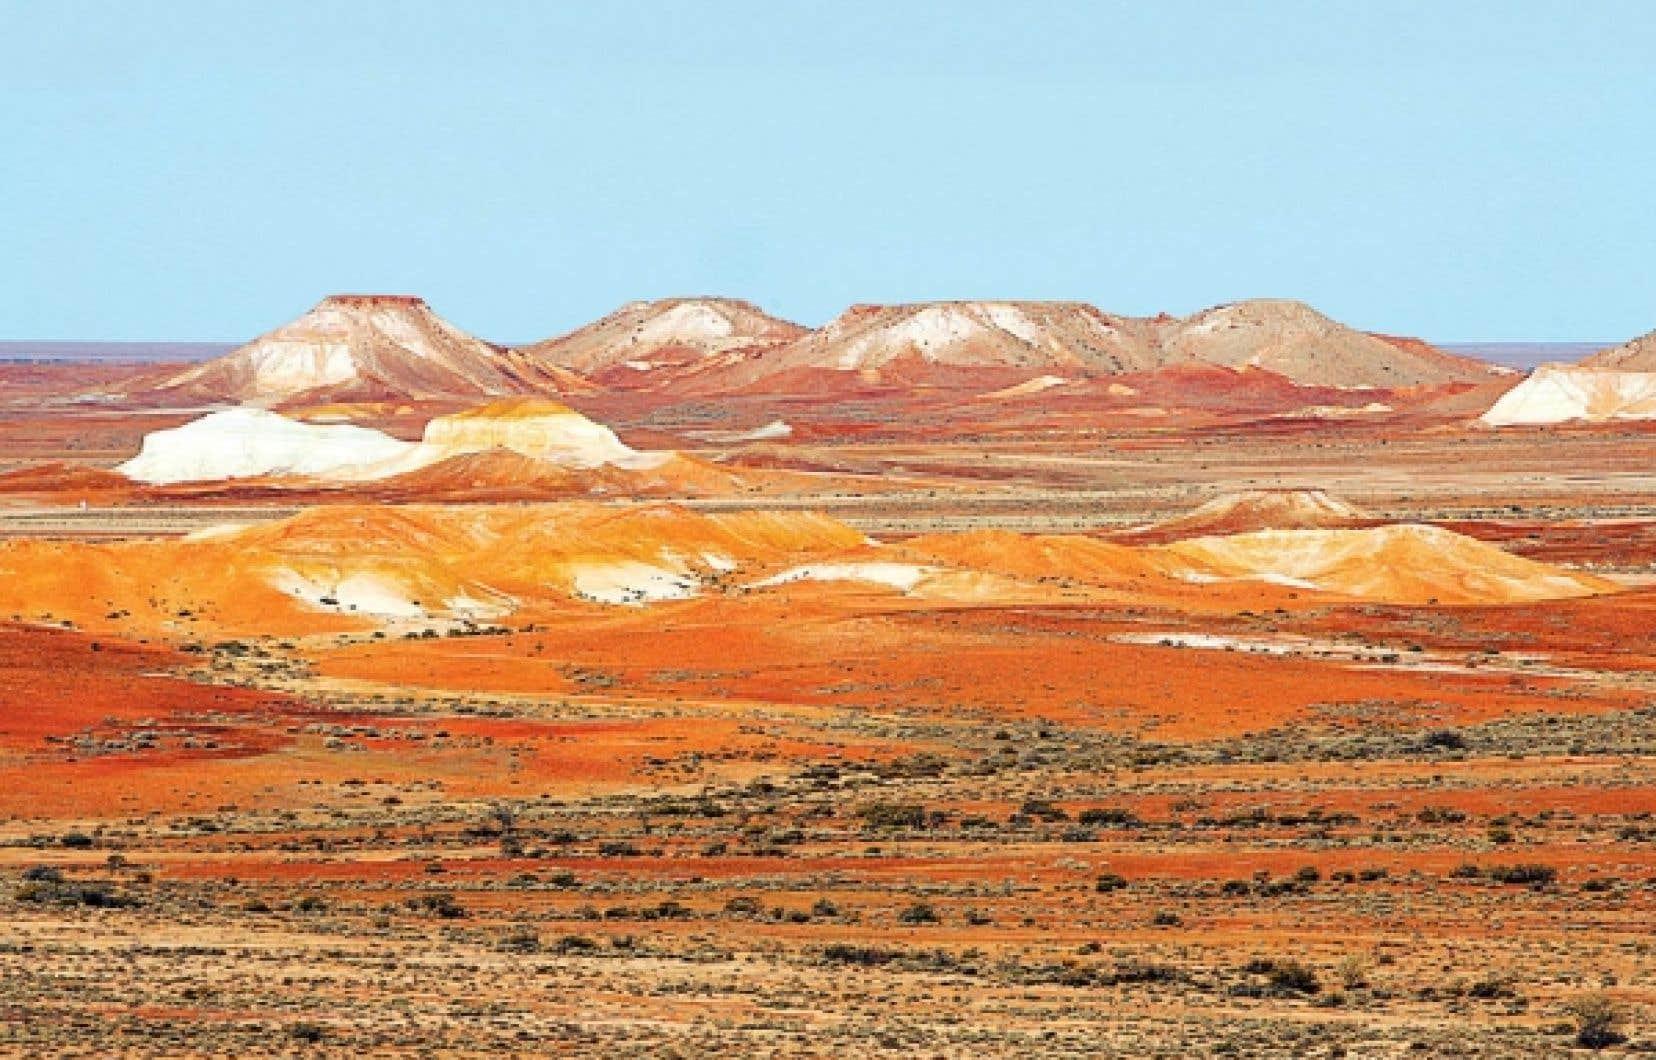 La formation ocre appelée The Breakaways émerge de la plaine désertique près de la ville minière de Coober Pedy.<br />